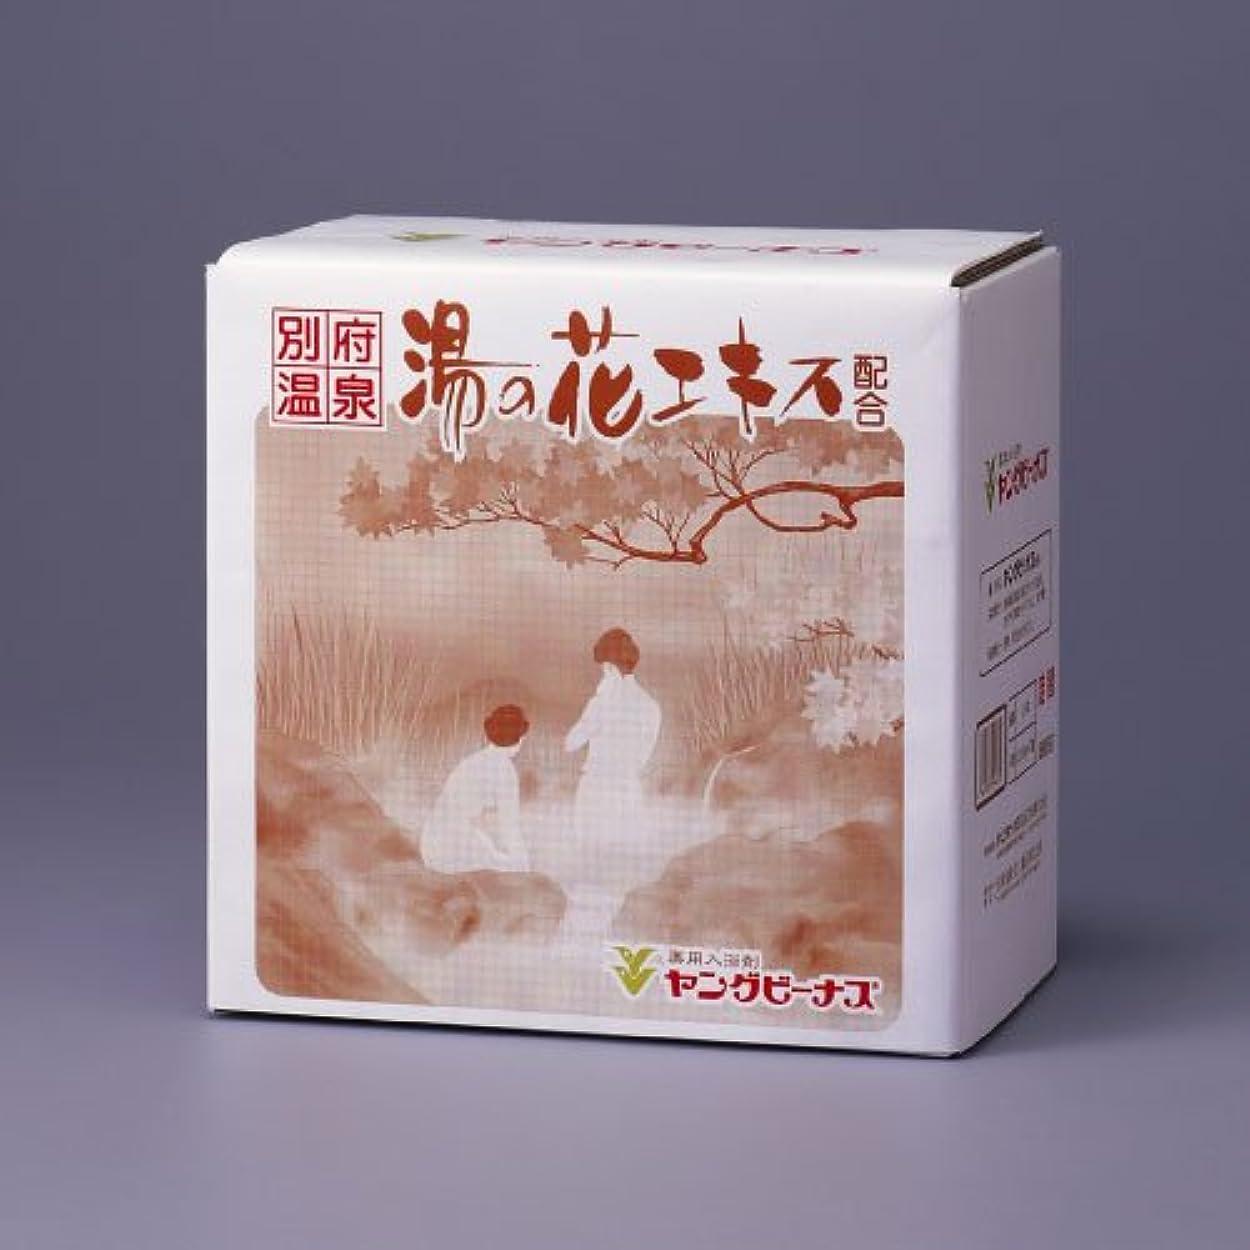 信念危険を冒します胸薬用入浴剤ヤングビーナスSv C-60【5.6kg】(詰替2.8kg2袋) [医薬部外品]